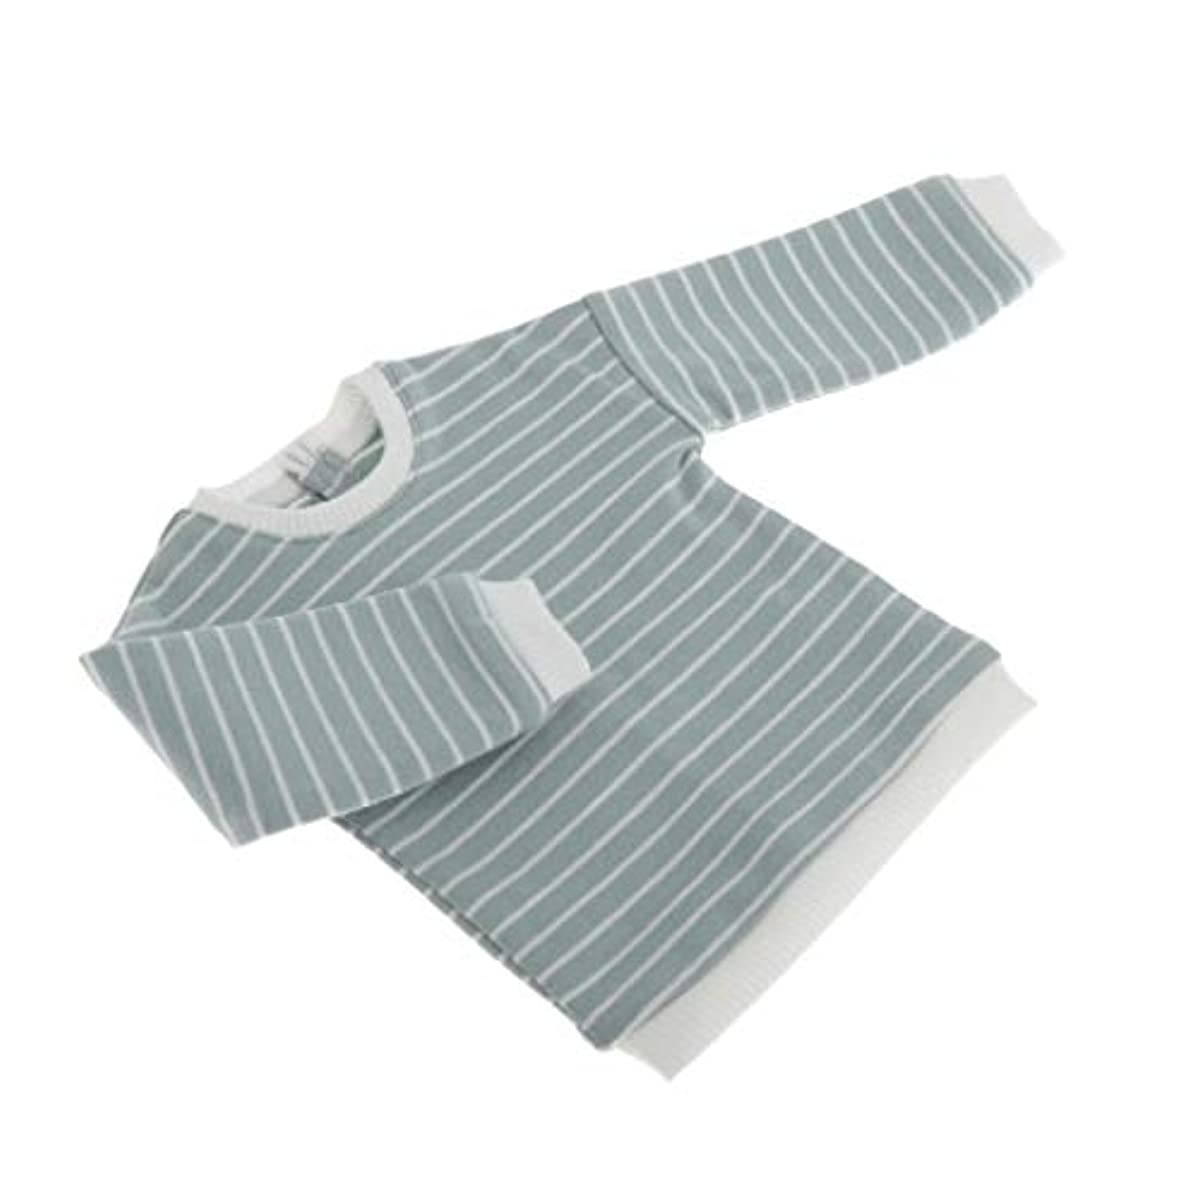 [해외] DYNWAVE 미니 스트라이프 스웨터  (pullover)풀오버 1/4스케일 큐빅스톤복 BJD인형 블라이스 인형용그린